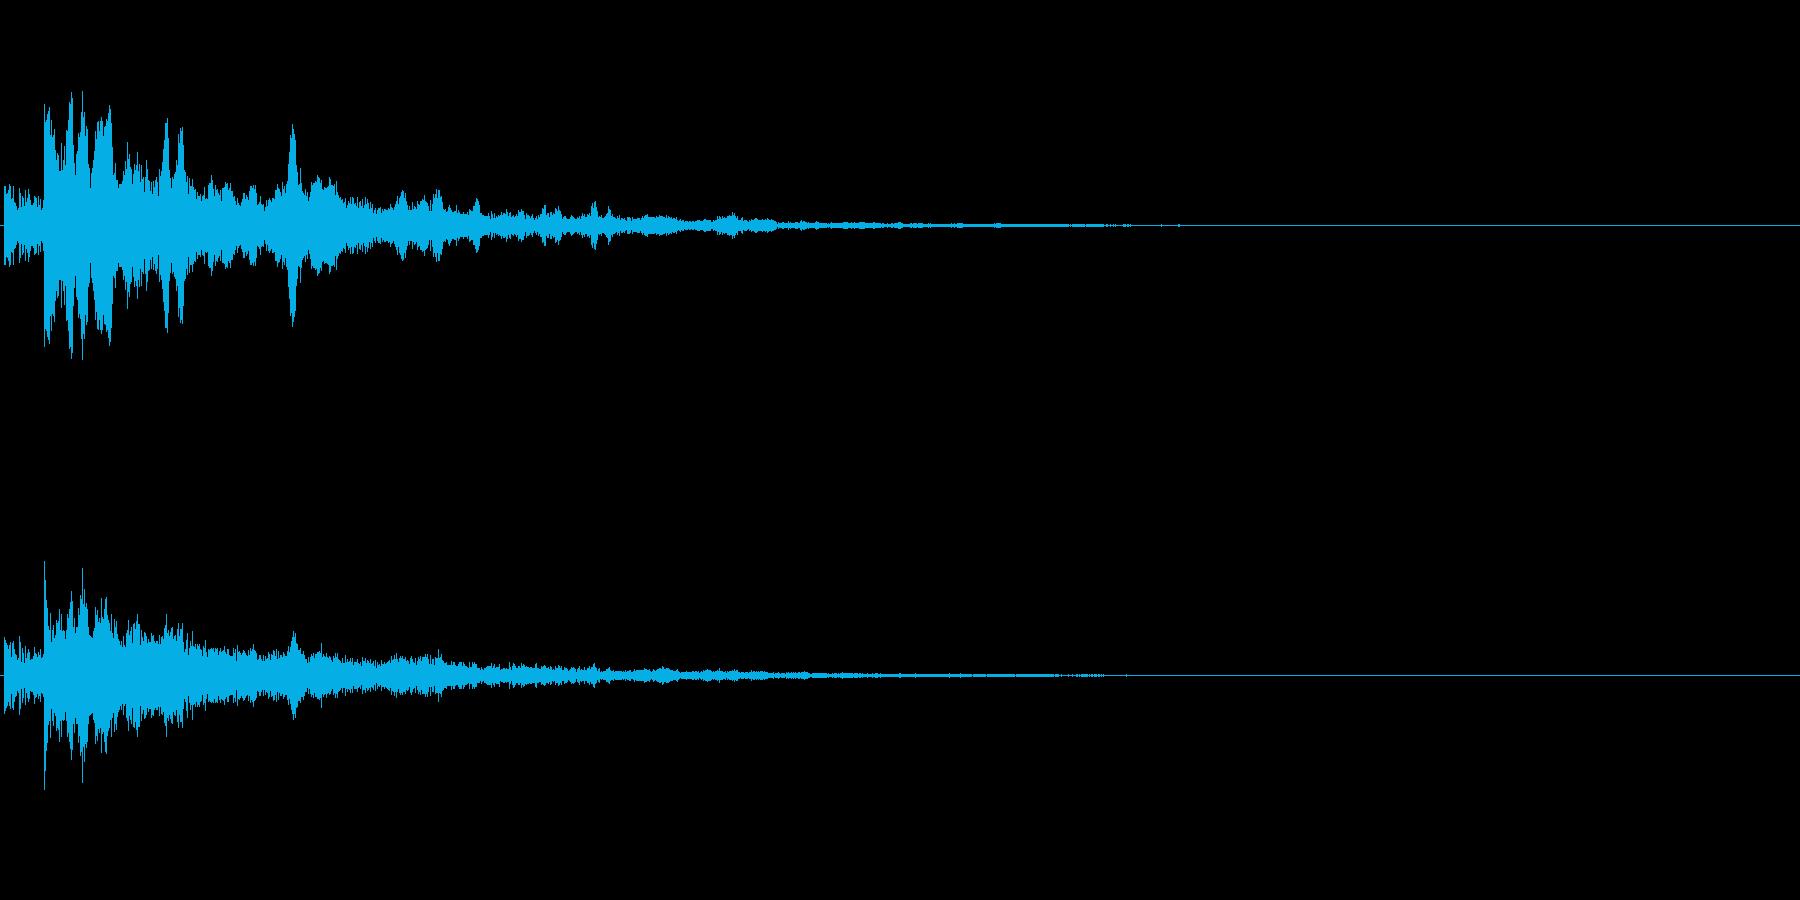 発散系サウンド+不思議の再生済みの波形